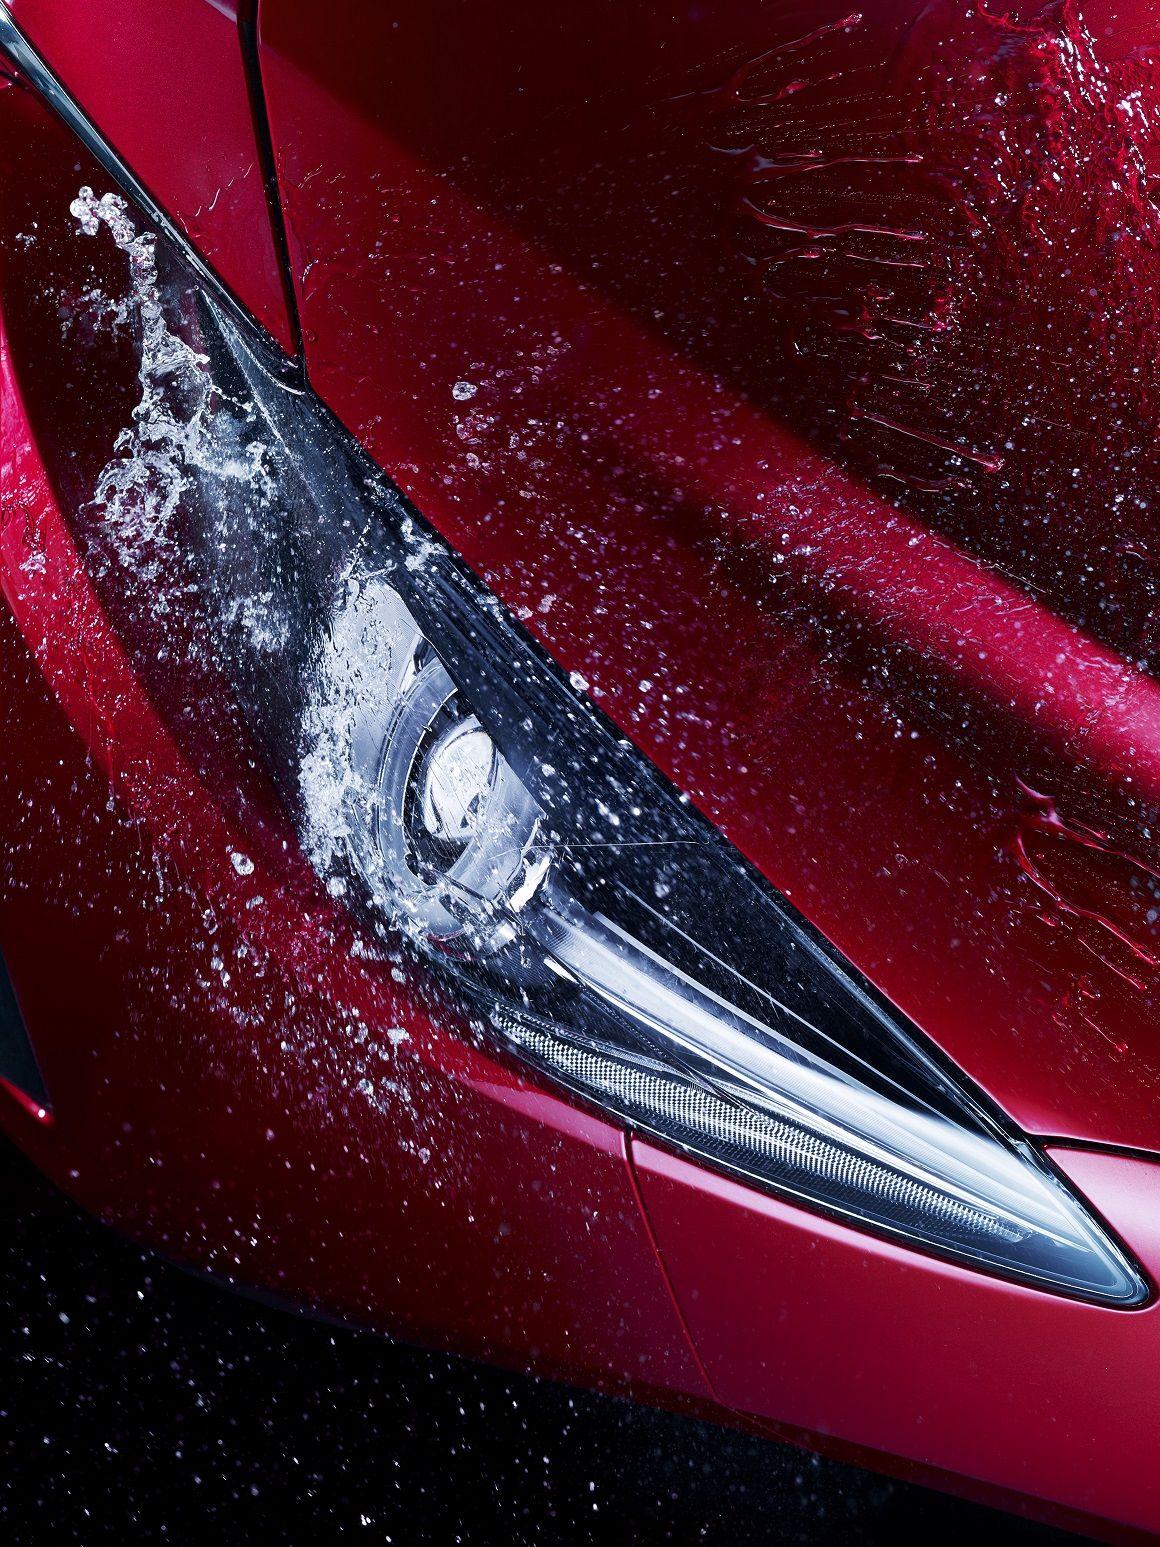 Mazda アクセラ Skyactiv Technology搭載車 アクセラ マツダ アクセラ マツダ